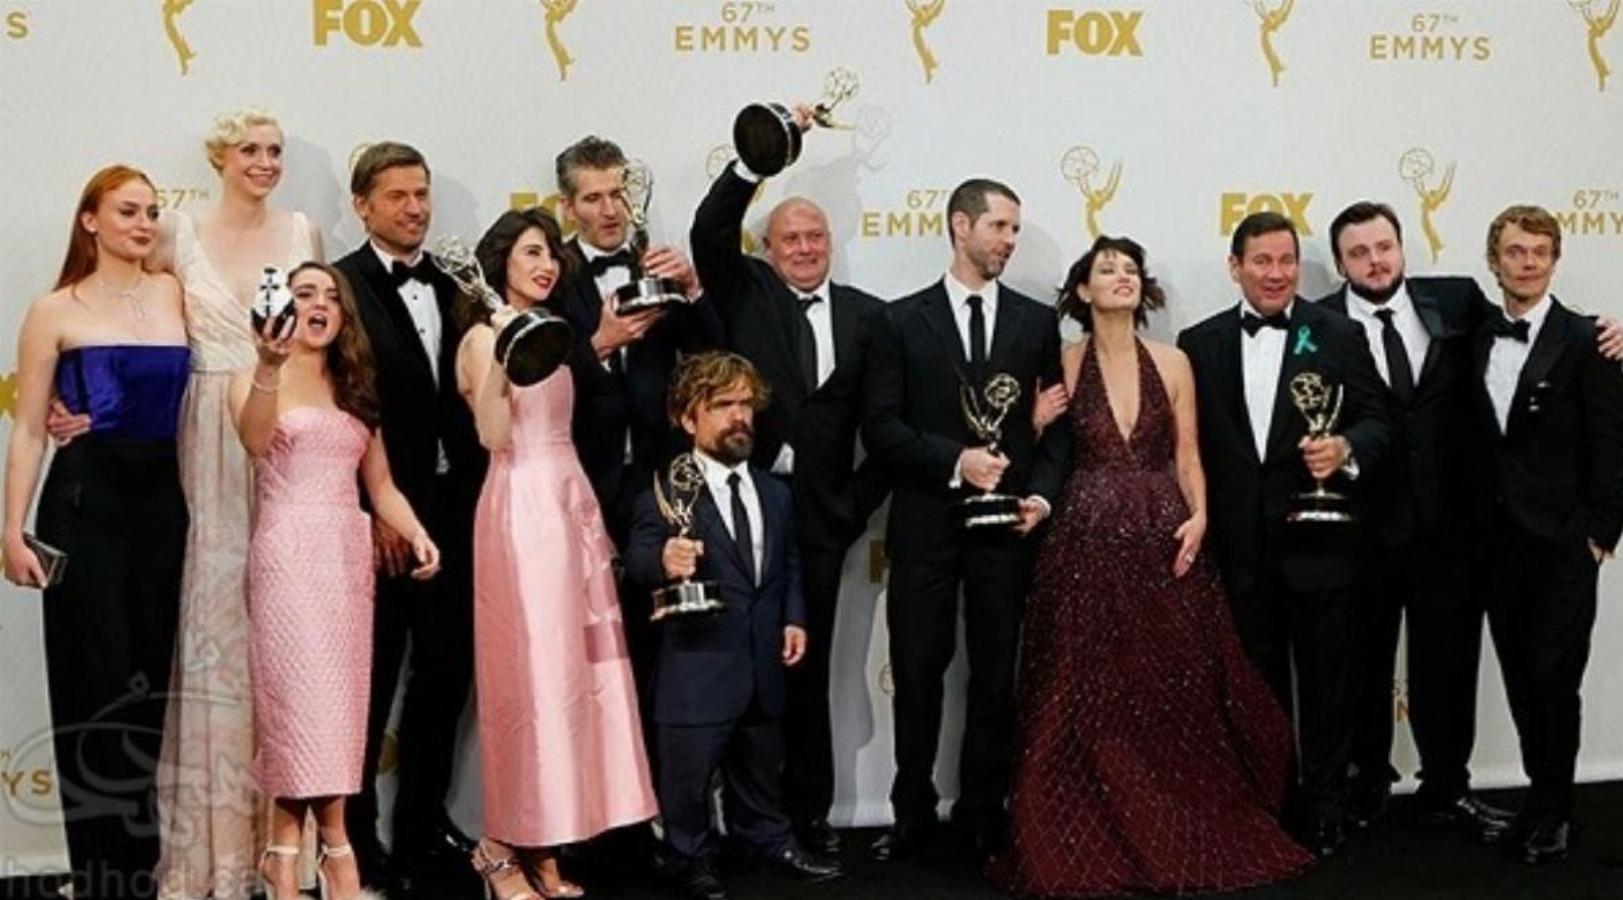 معرفی برندگان جوایز امی ۲۰۱۶ و رکوردشکنی تاریخی بازی تاج و تخت